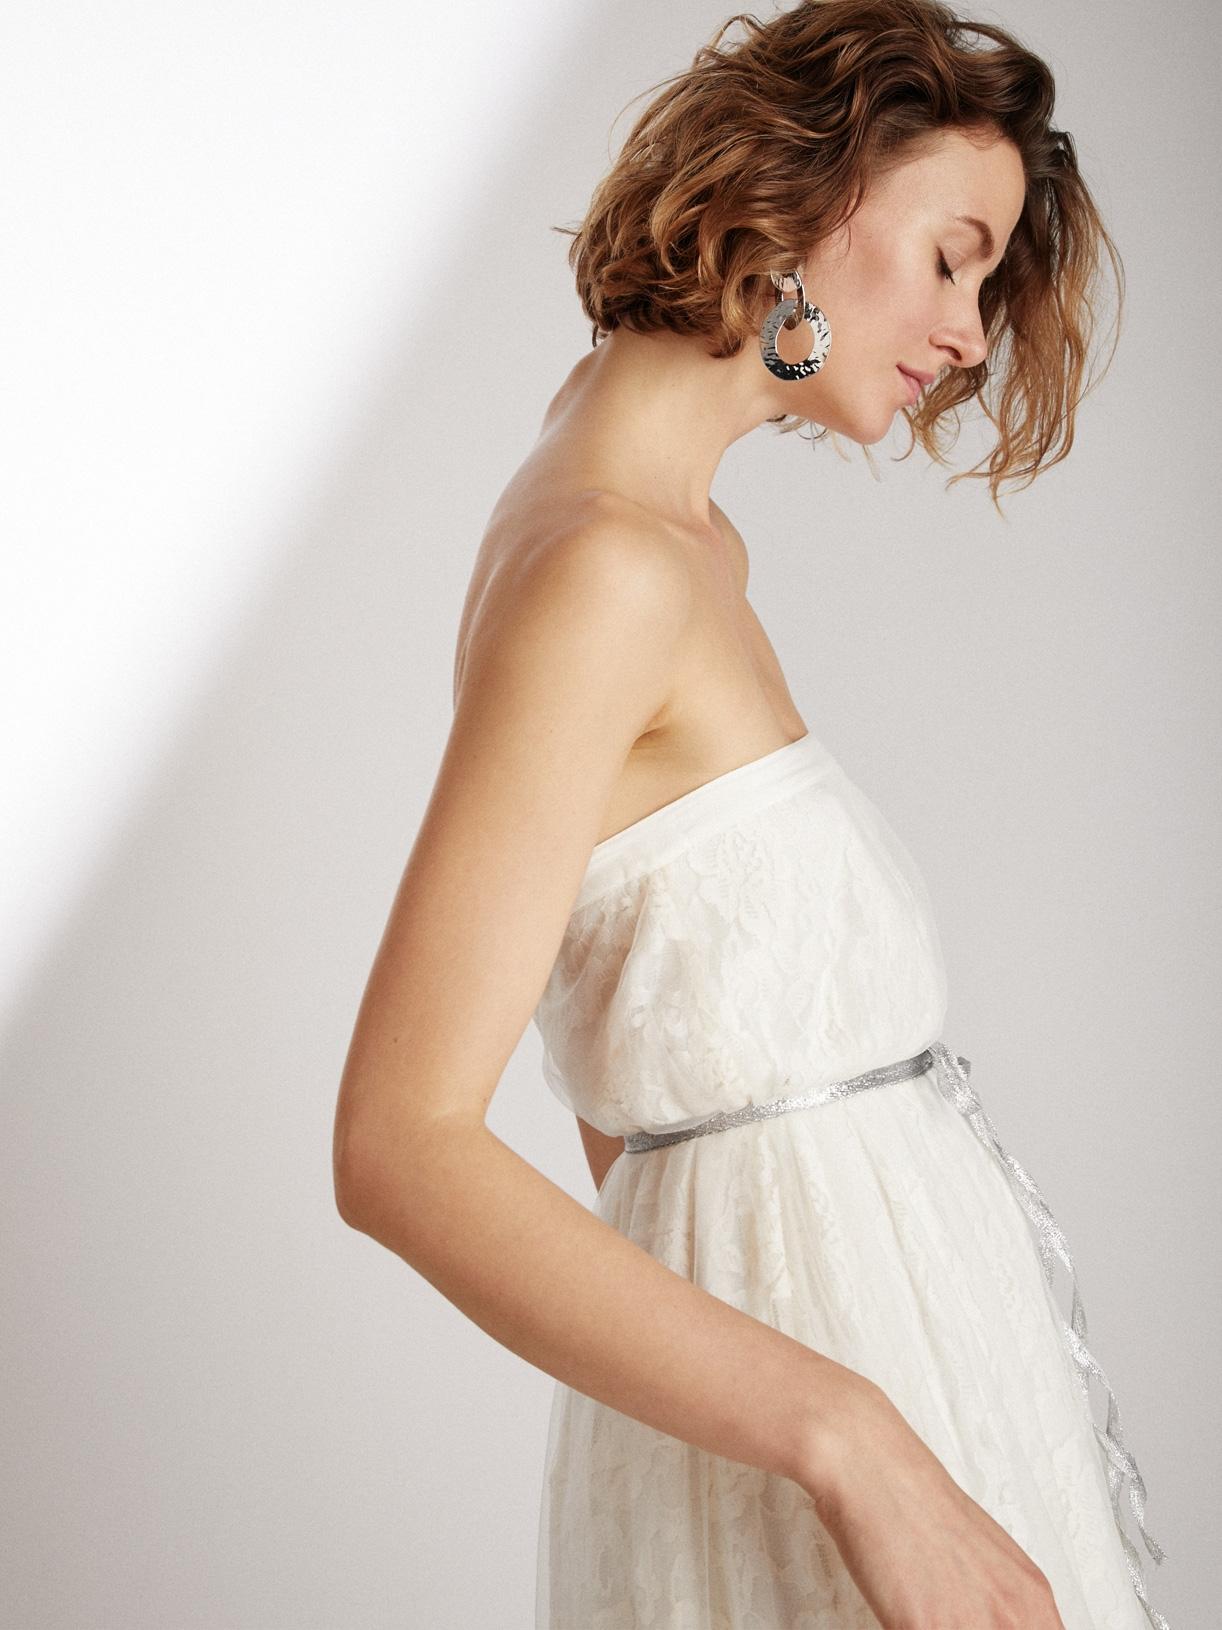 Robe de mariée bustier en dentelle éthique et sur-mesure Trinity - Myphilosophy